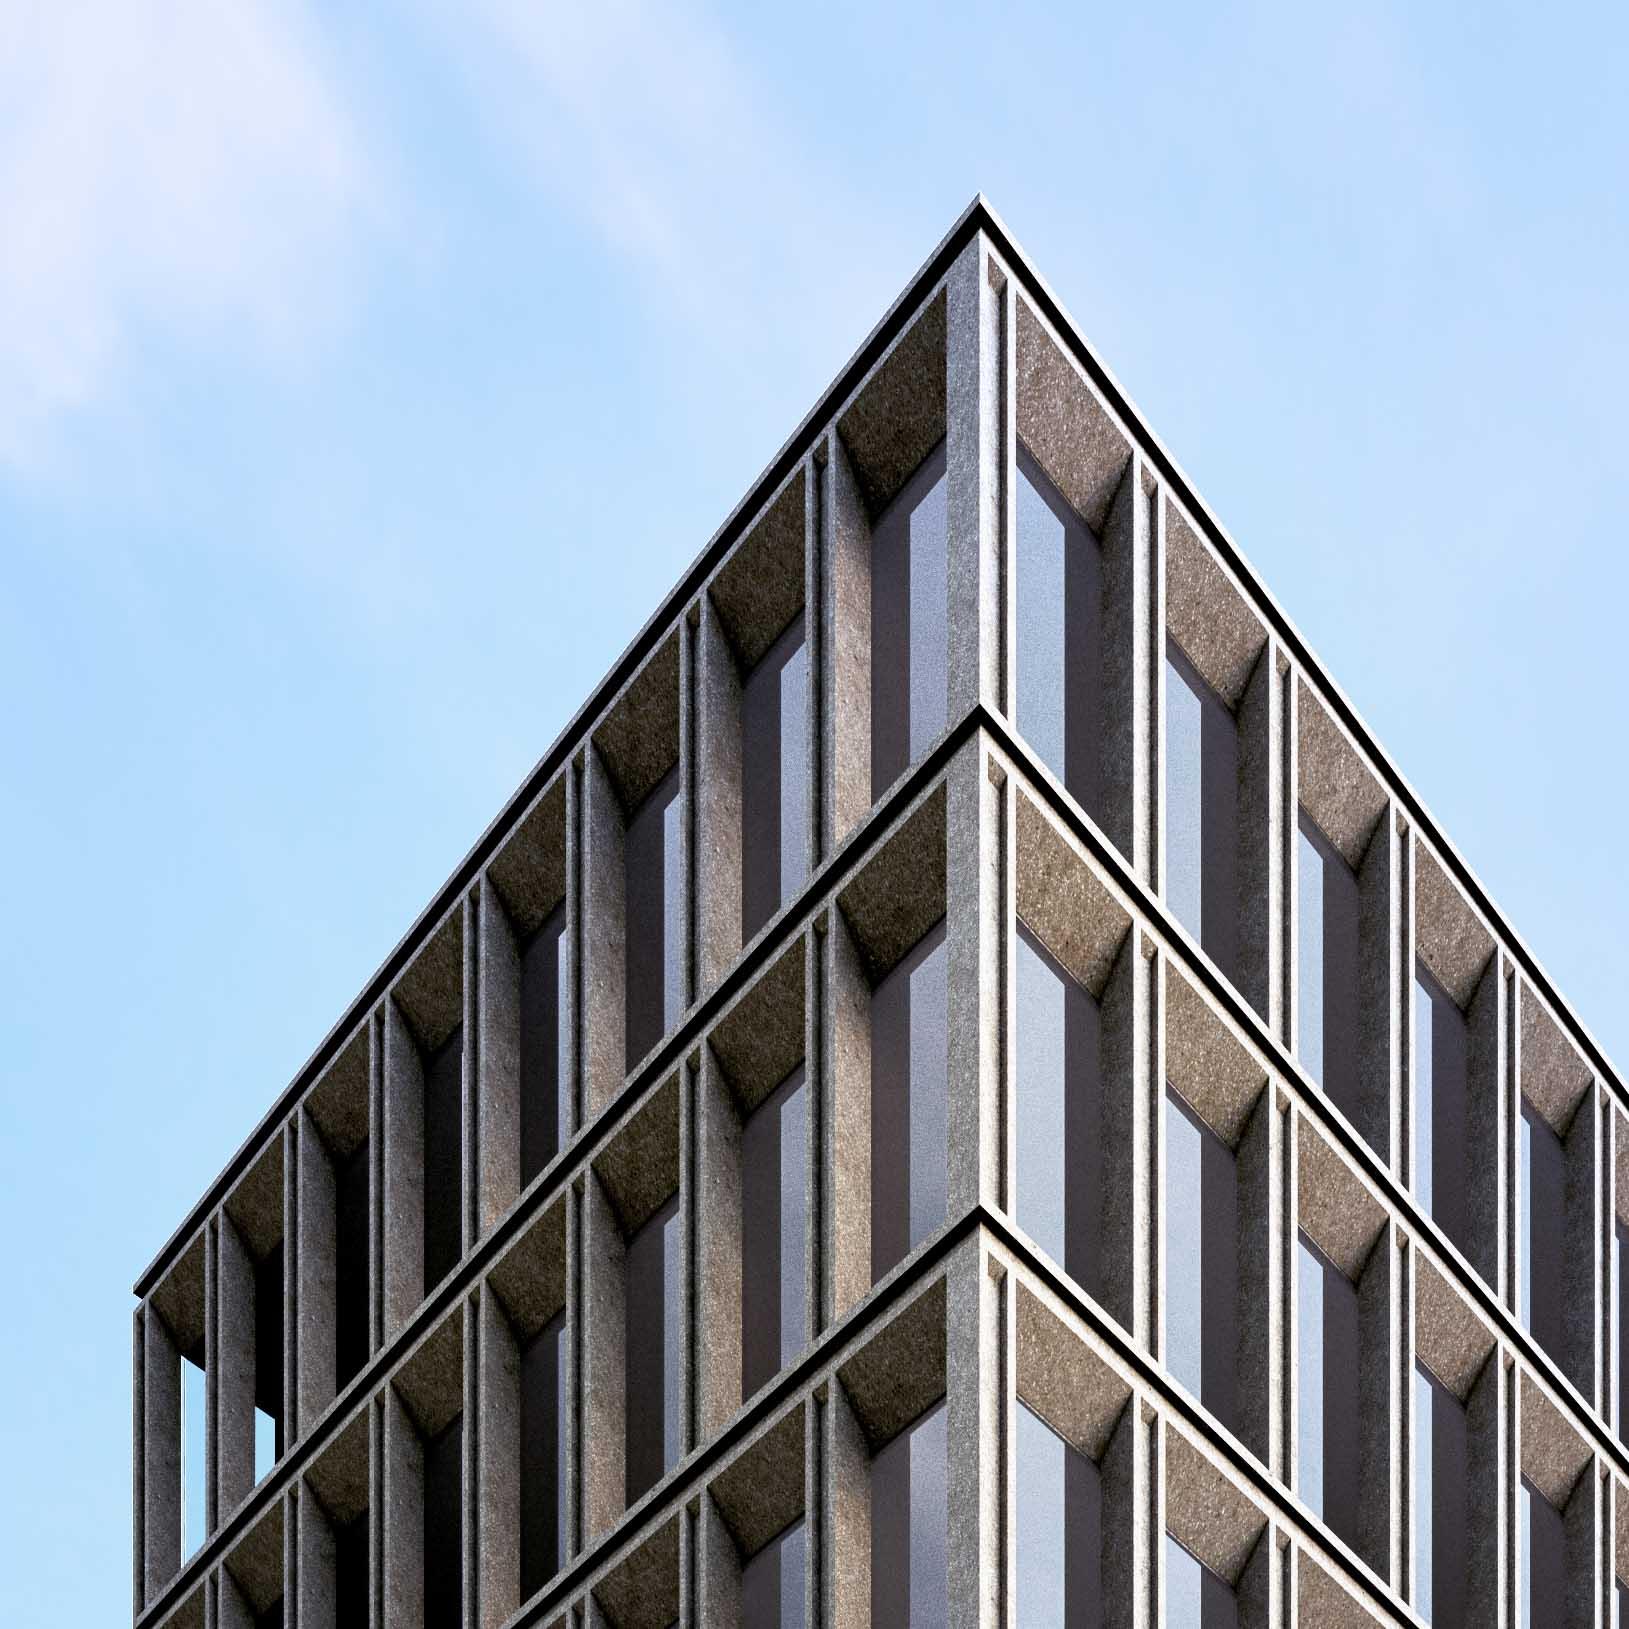 Edificio a Torre - dettaglio della facciata